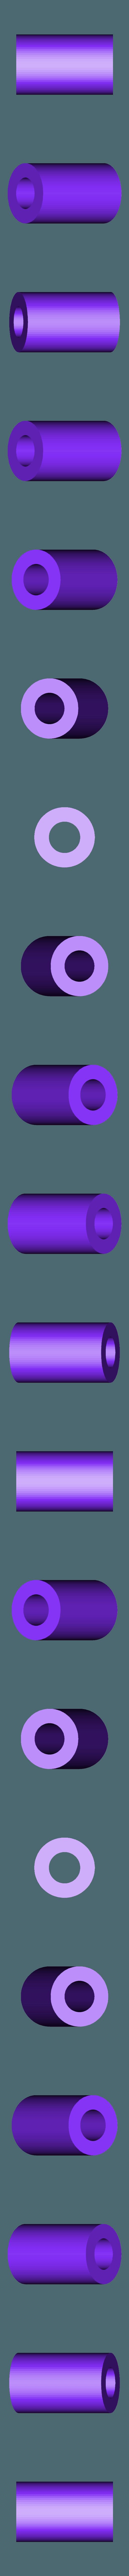 Handle.stl Télécharger fichier STL gratuit Mario + Lapins Crétins - Plumer's Helper Boomshot • Modèle pour impression 3D, Dsk